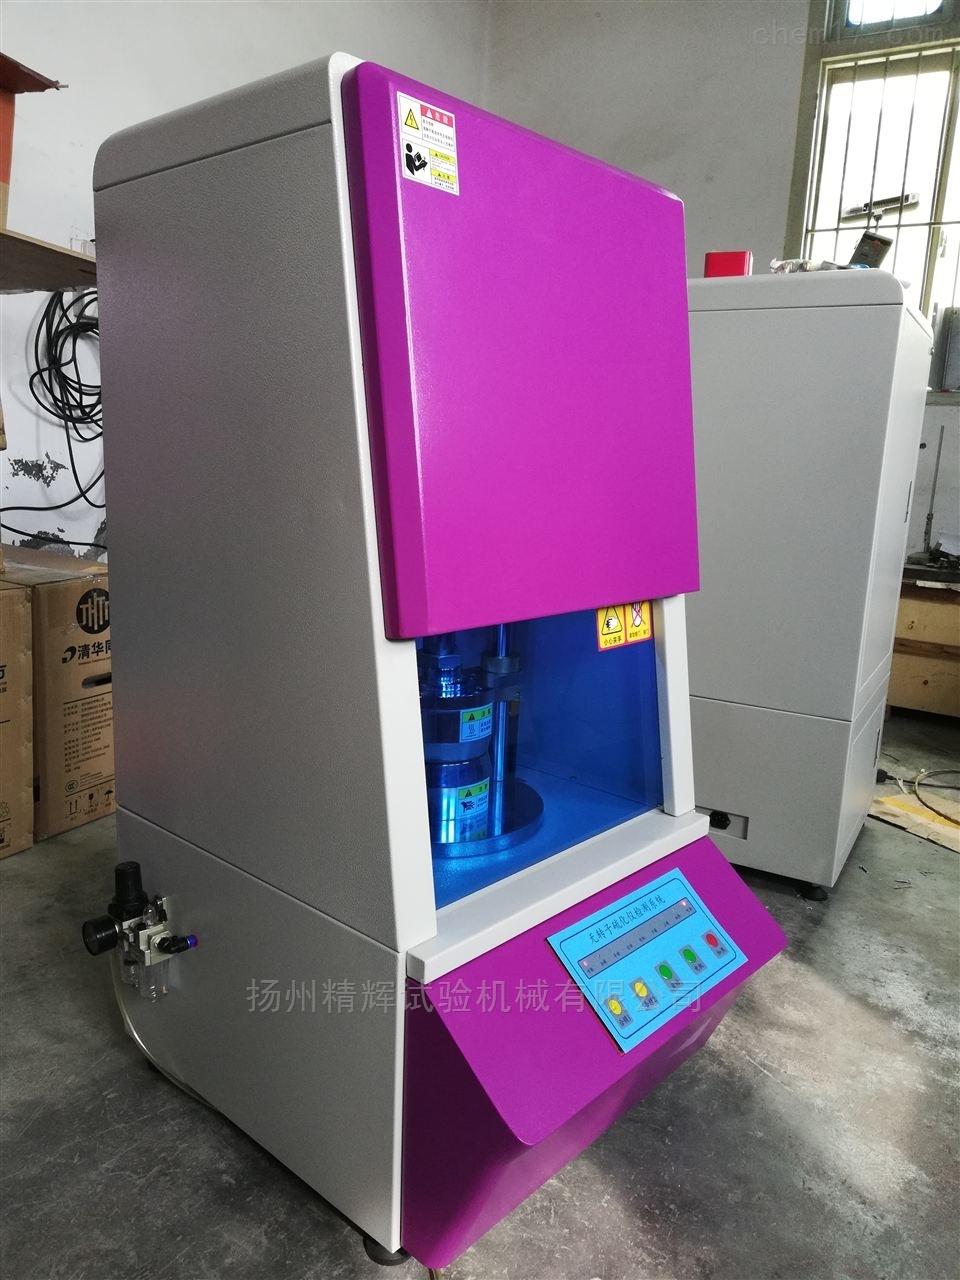 扭矩硫化仪,胶料硫化仪,发泡胶橡胶硫化仪,电脑全自动密封性硫化仪,